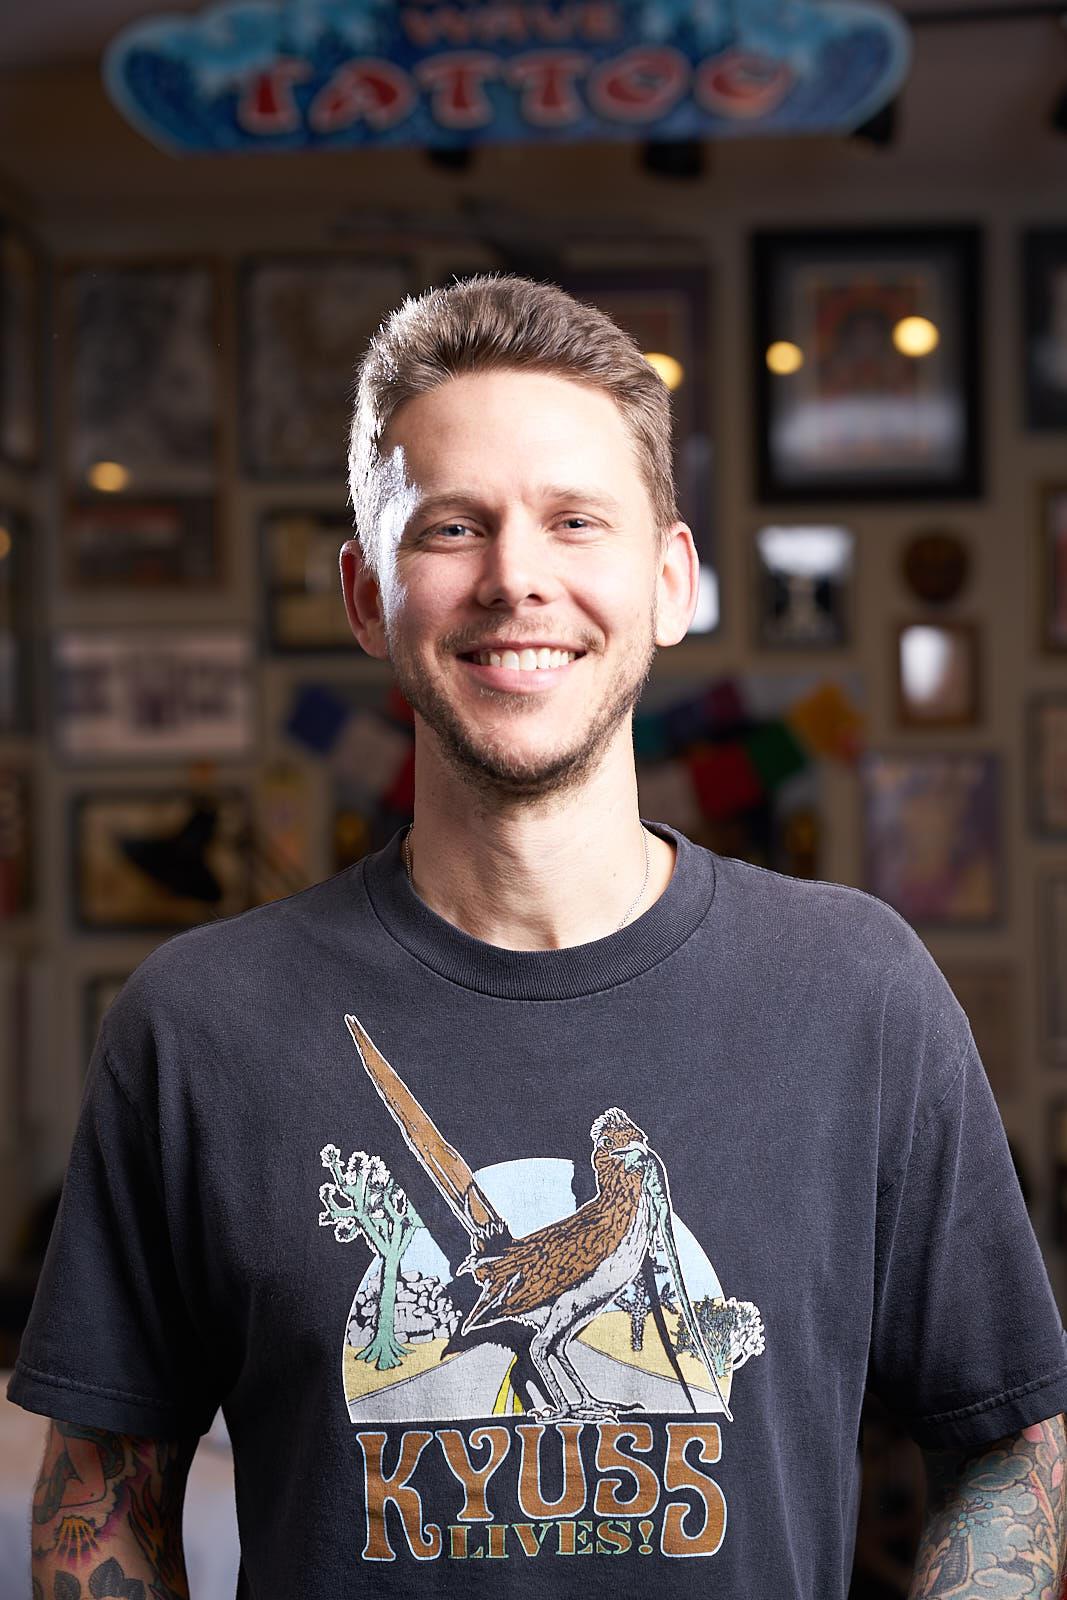 David Parker Portrait - Tattooer at Great Wave Tattoo